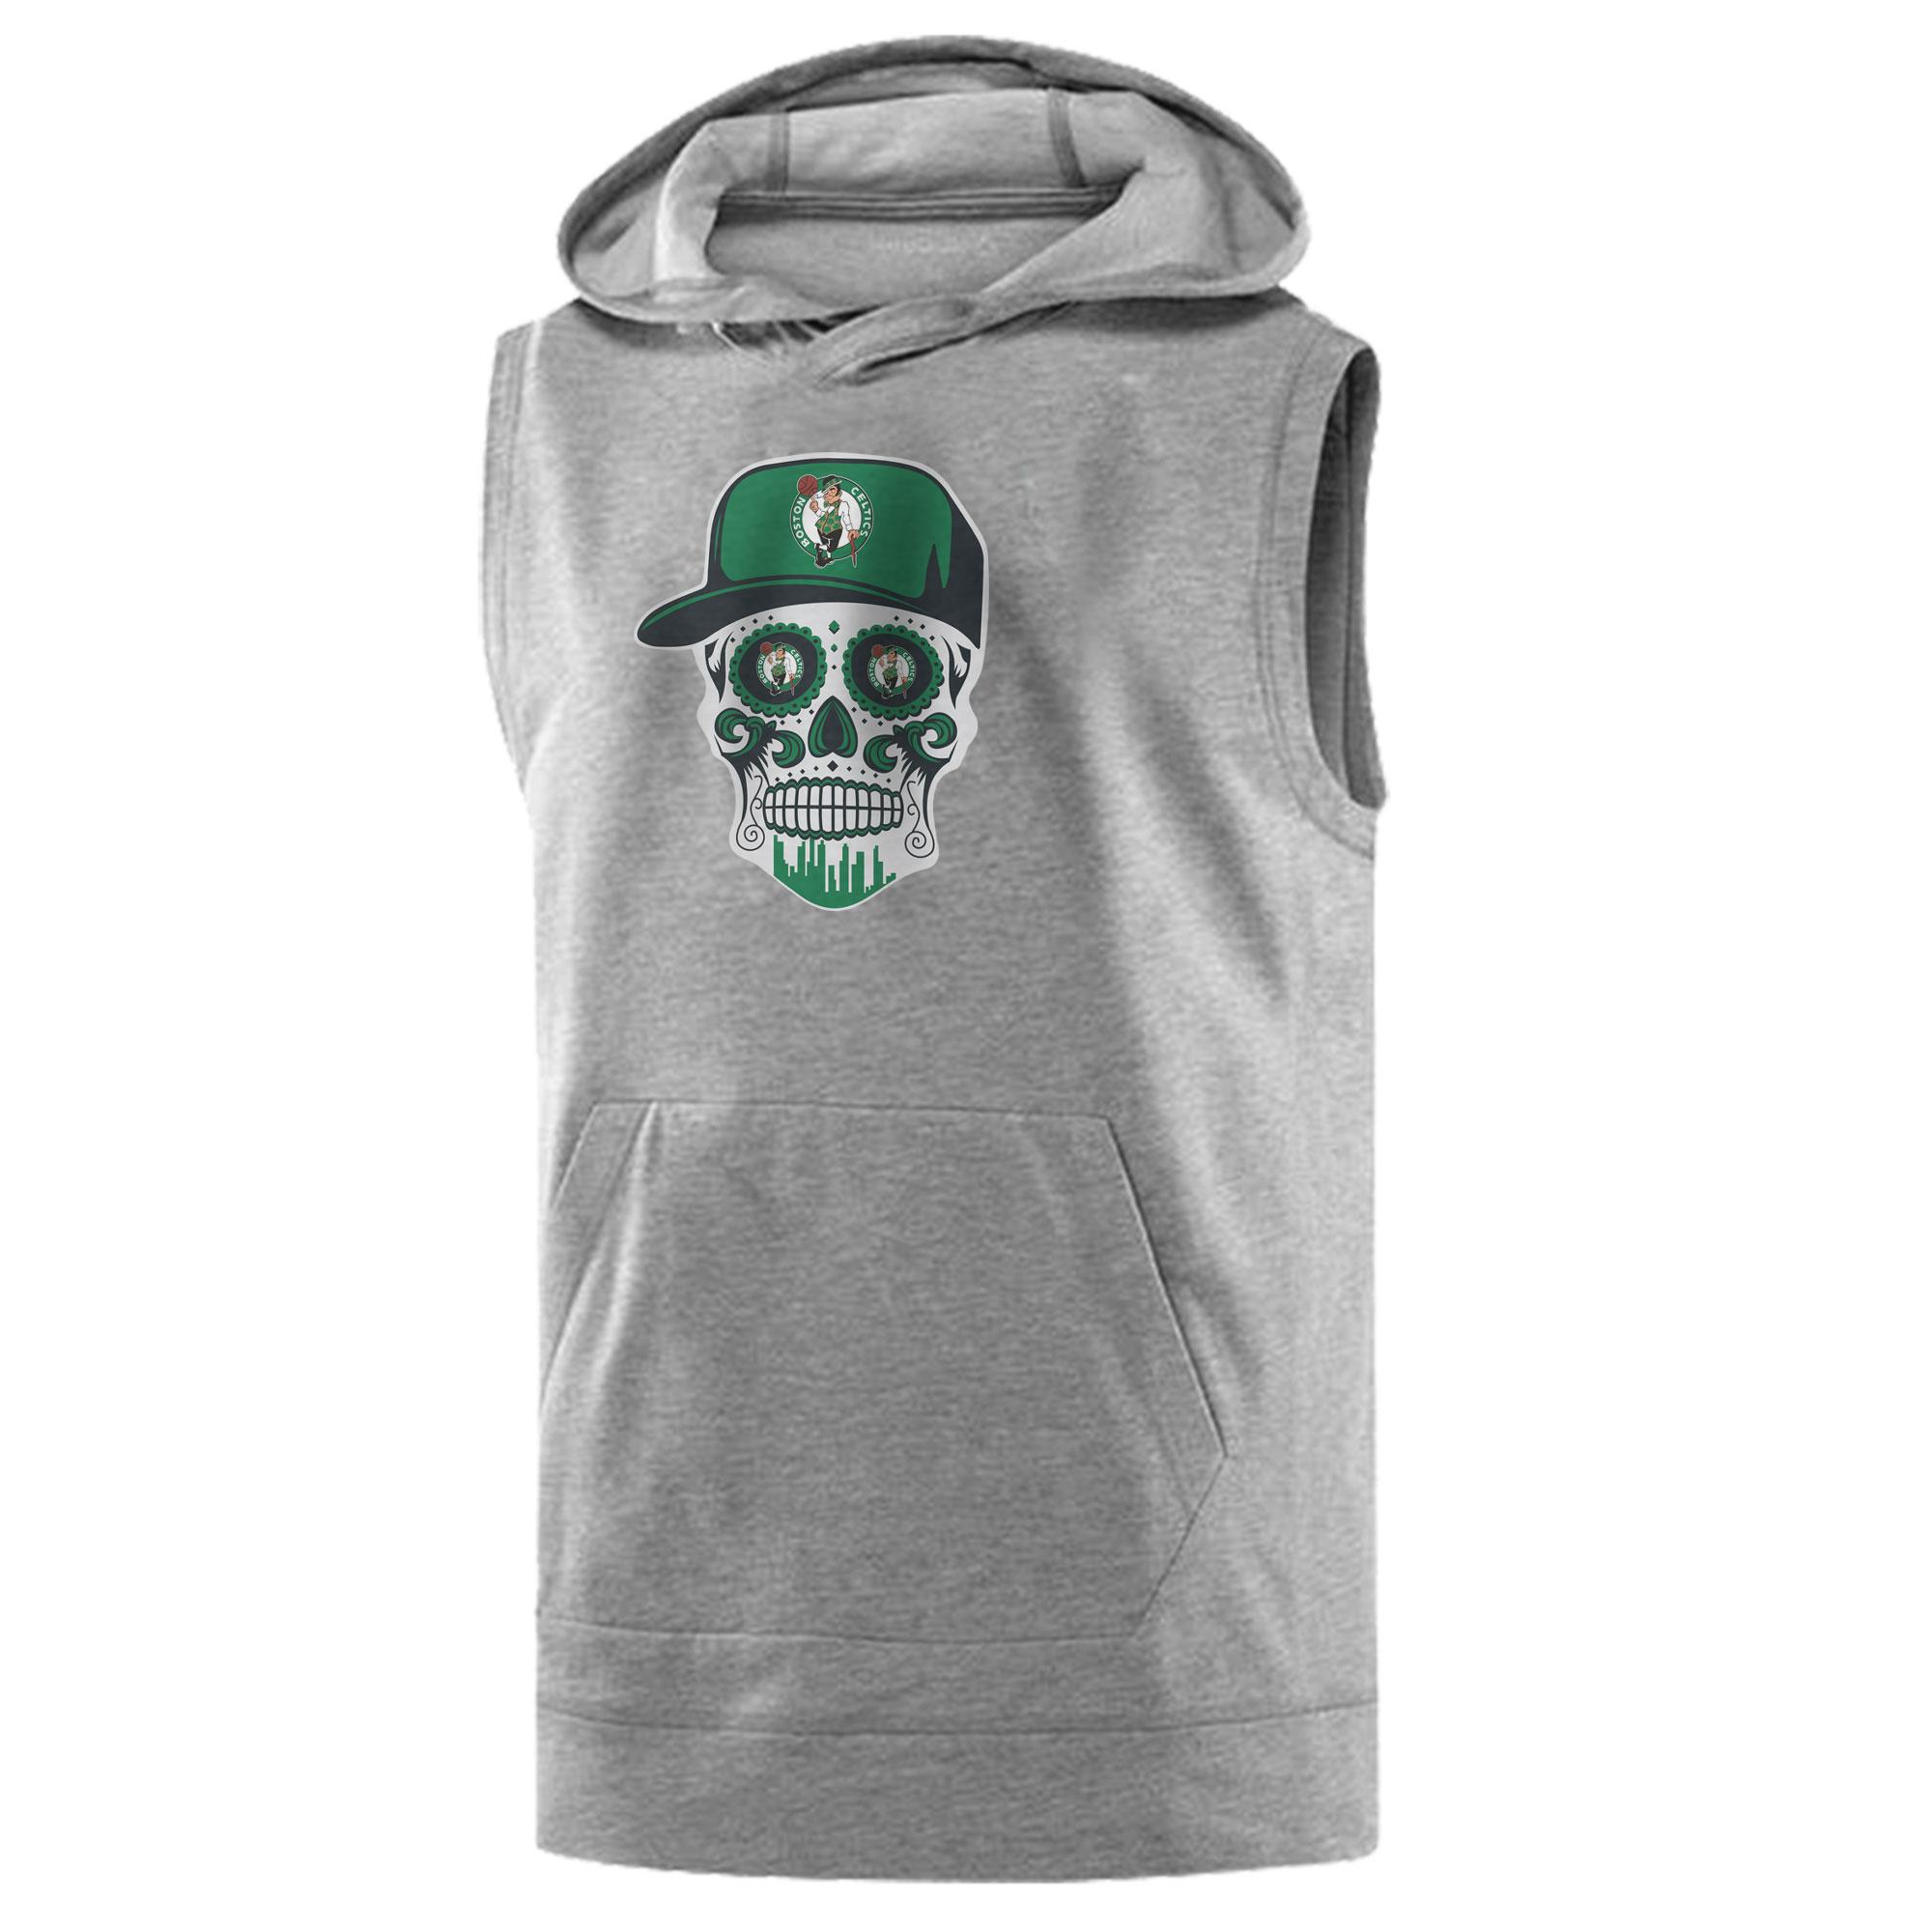 Celtics Skull  Sleeveless (KLS-GRY-NP-448-NBA-BSTN-SKULL)